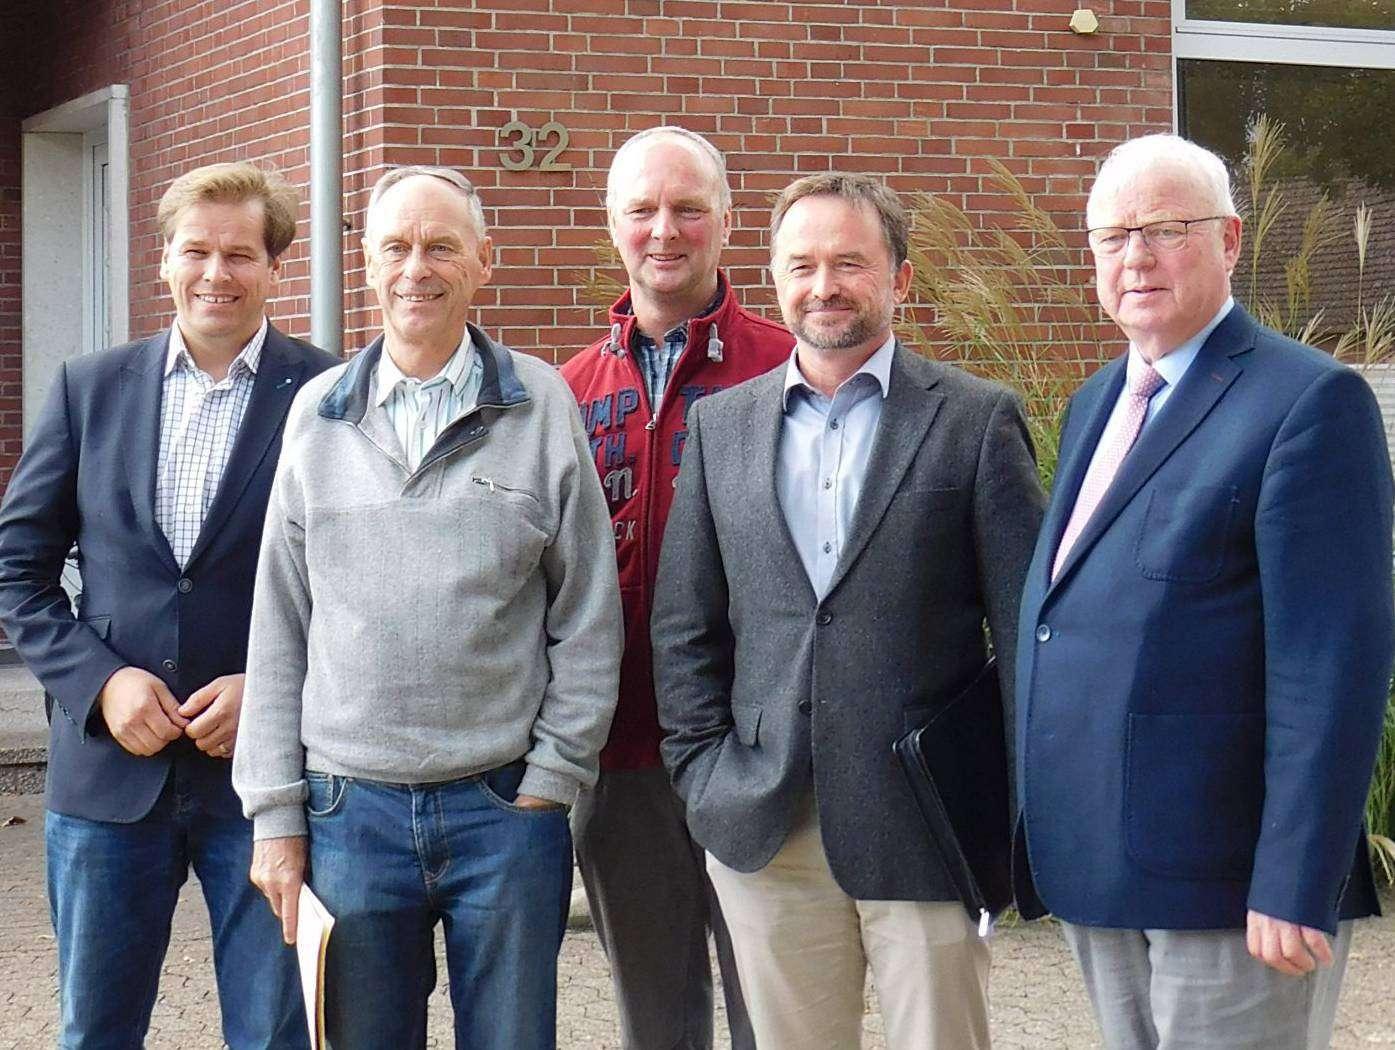 Lothar Sause (von links), Manfred Radtke, Cord-Heinrich Müller (Bürgerinitiative), Dirk Eberle und Rolf Lüdemann (Bürgermeister der Gemeinde Brockel) pochen auf die Klärung offener Fragen. Foto: Sünje Lou00ebs